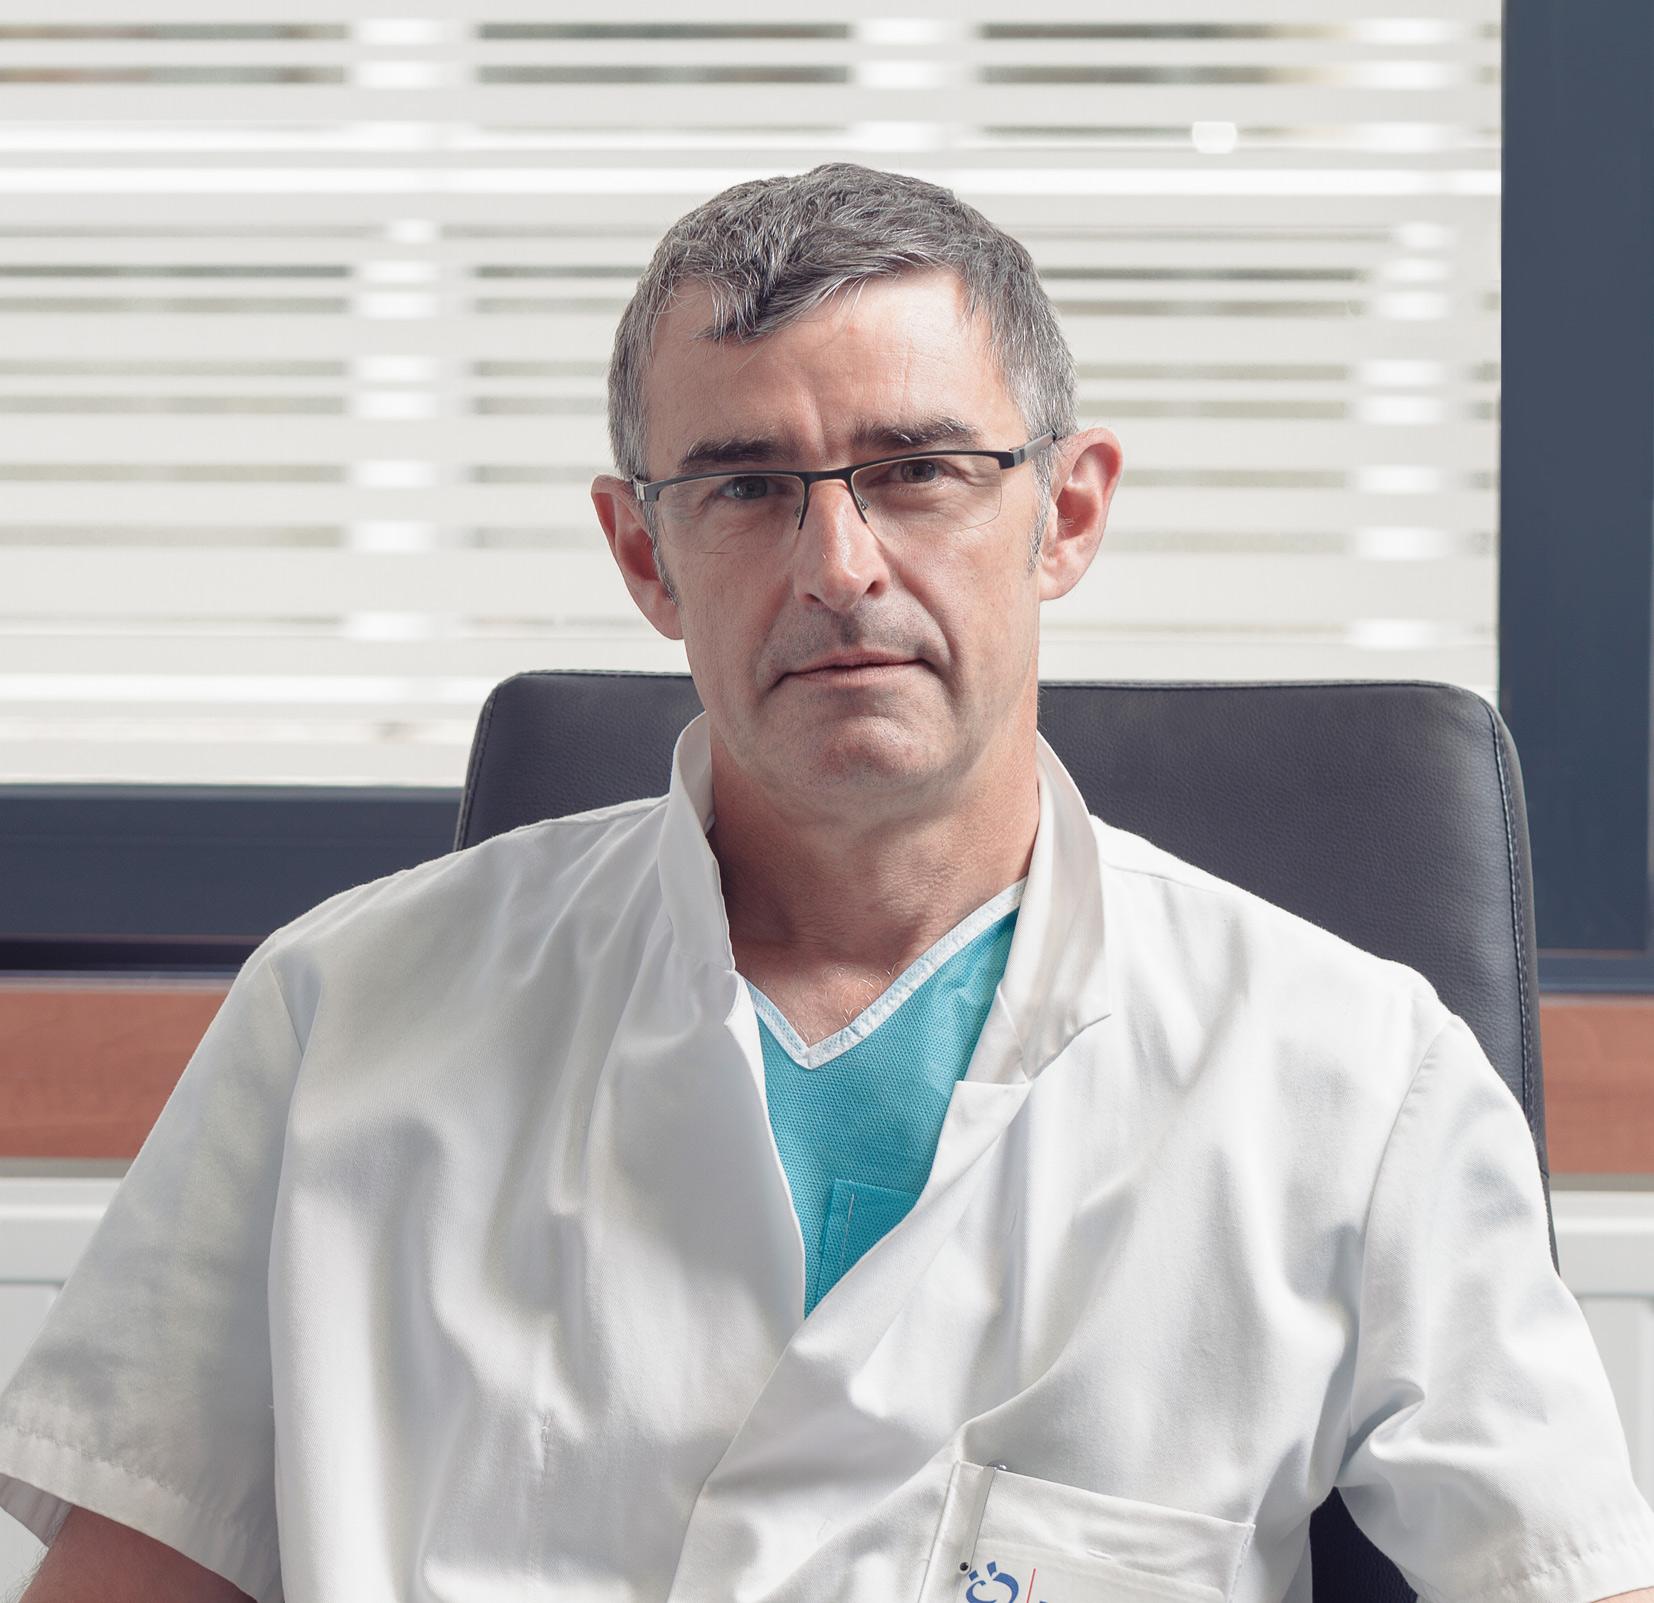 Dr Jean-Luc L'Helgouarc'h